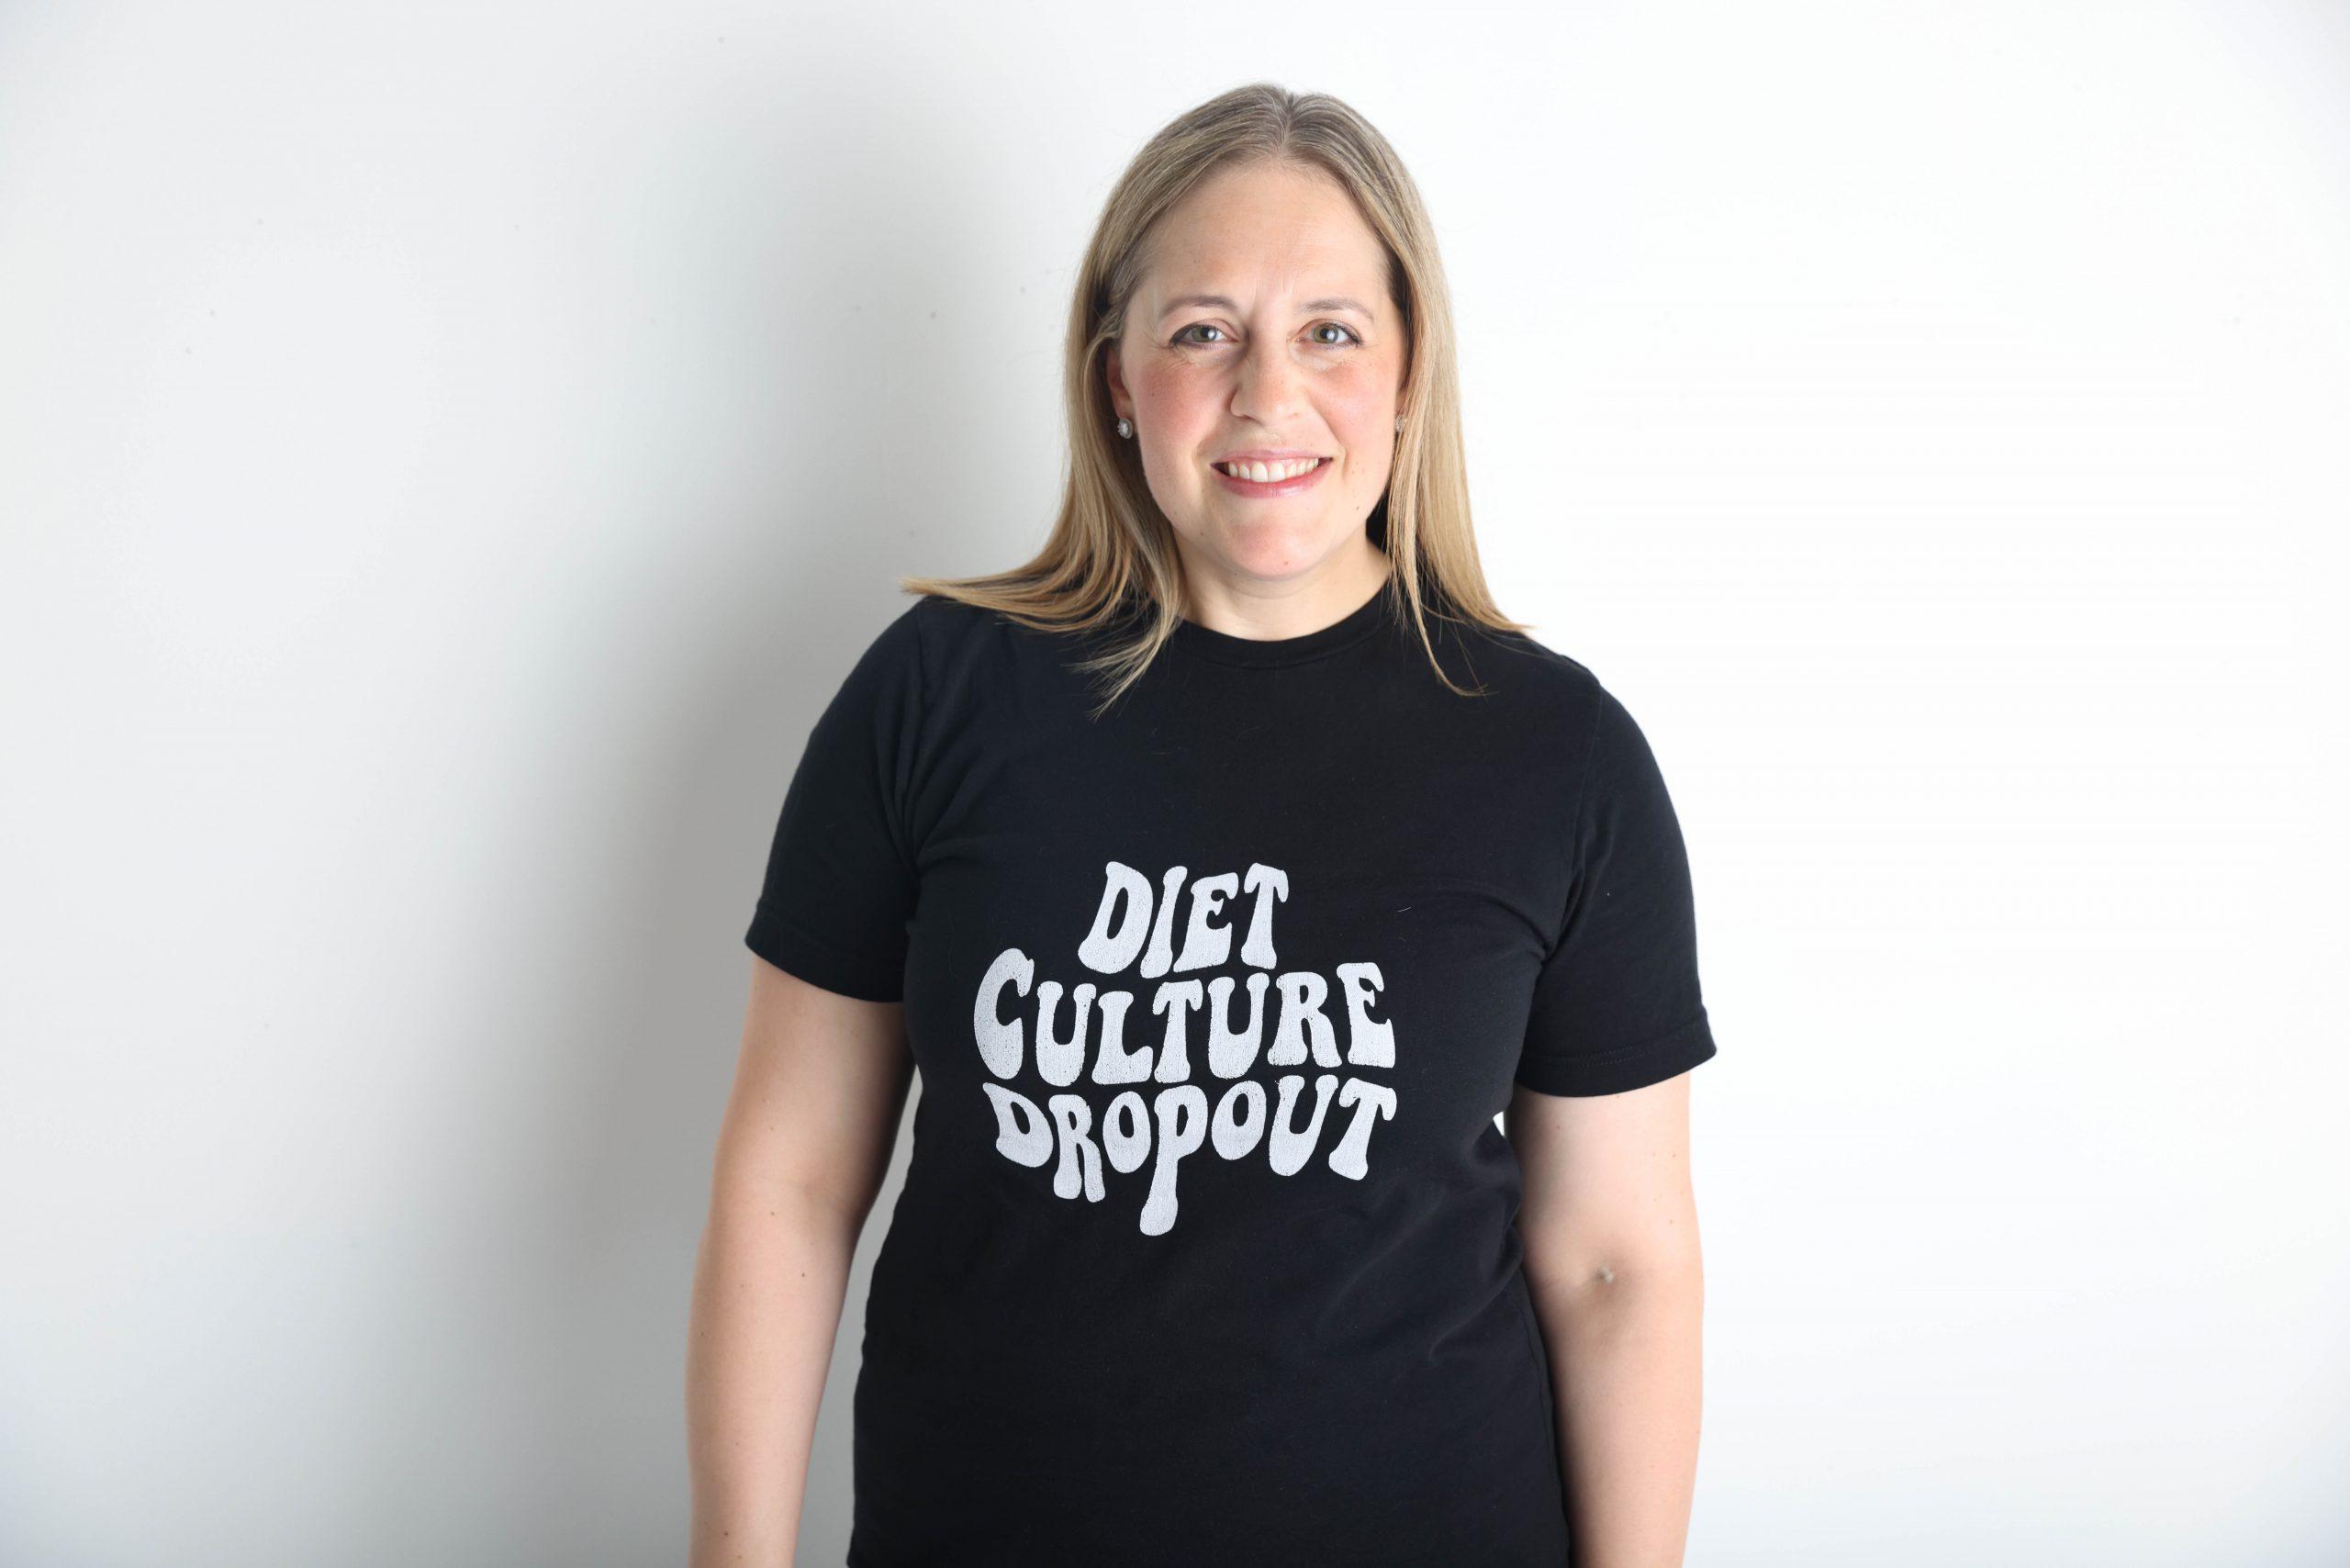 diet culture dropout-min